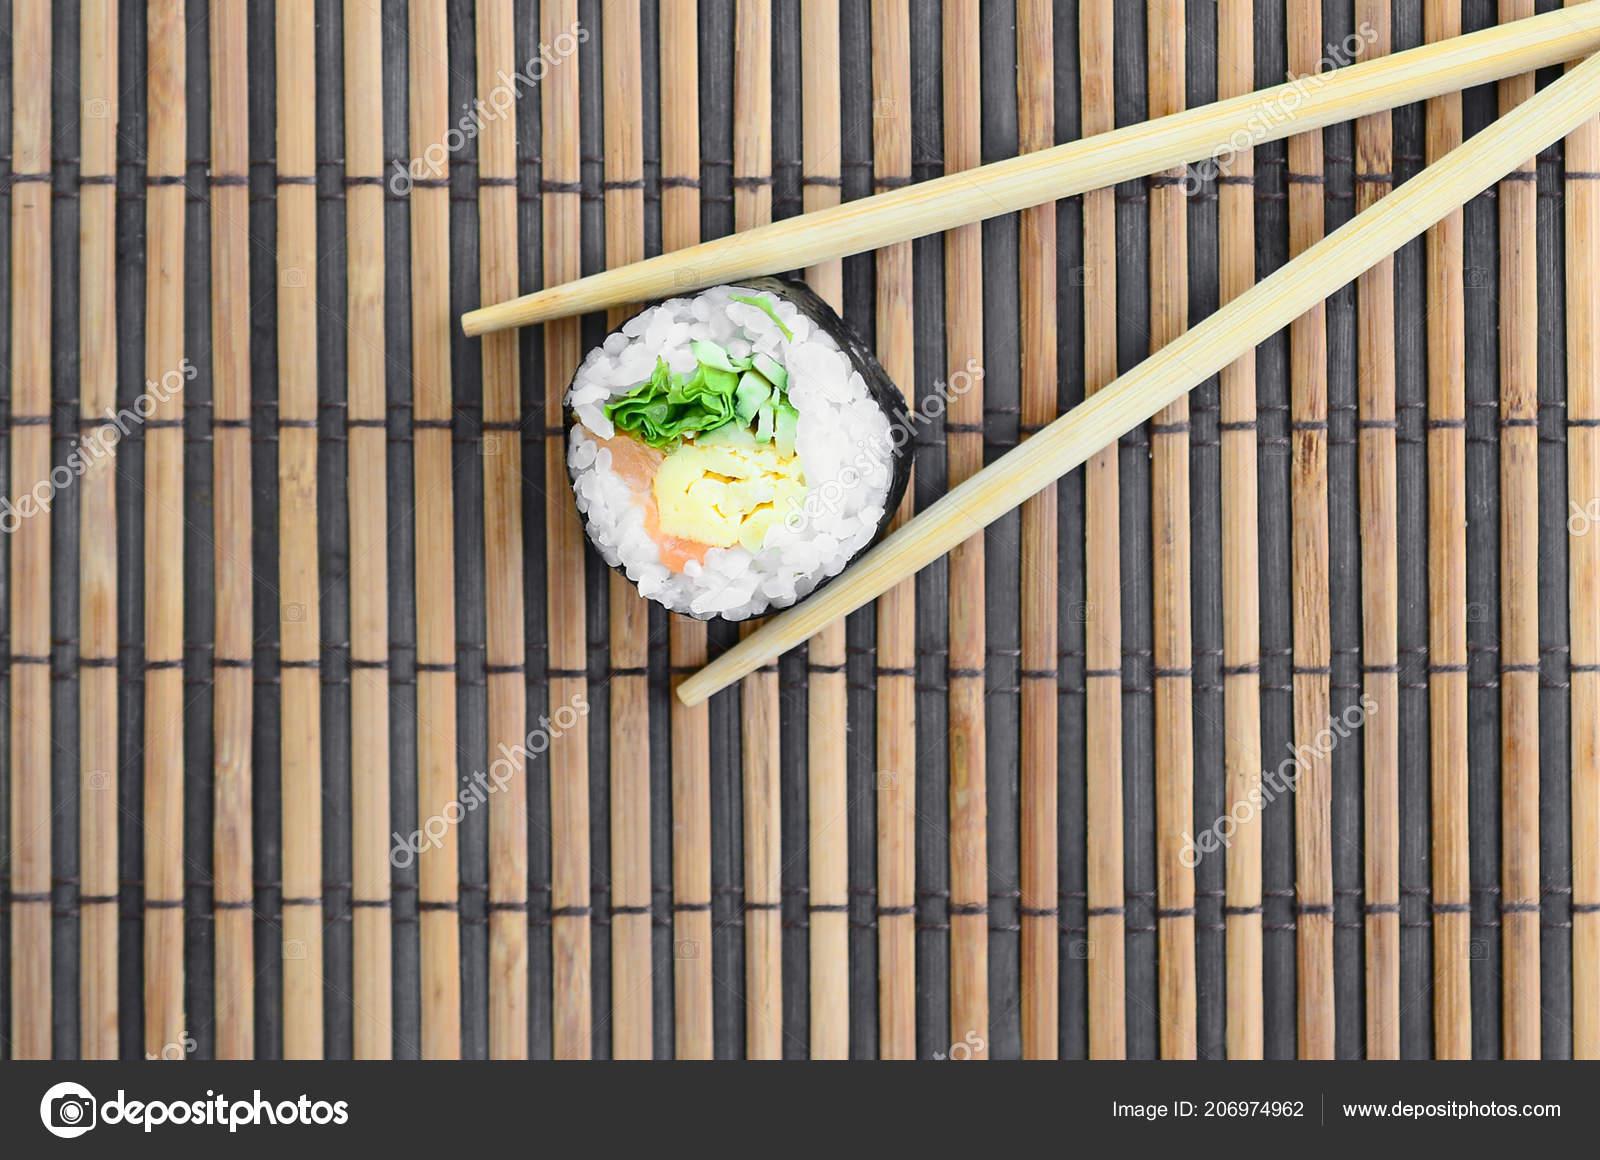 Sushi Roll Wooden Chopsticks Lie Bamboo Straw Serwing Mat